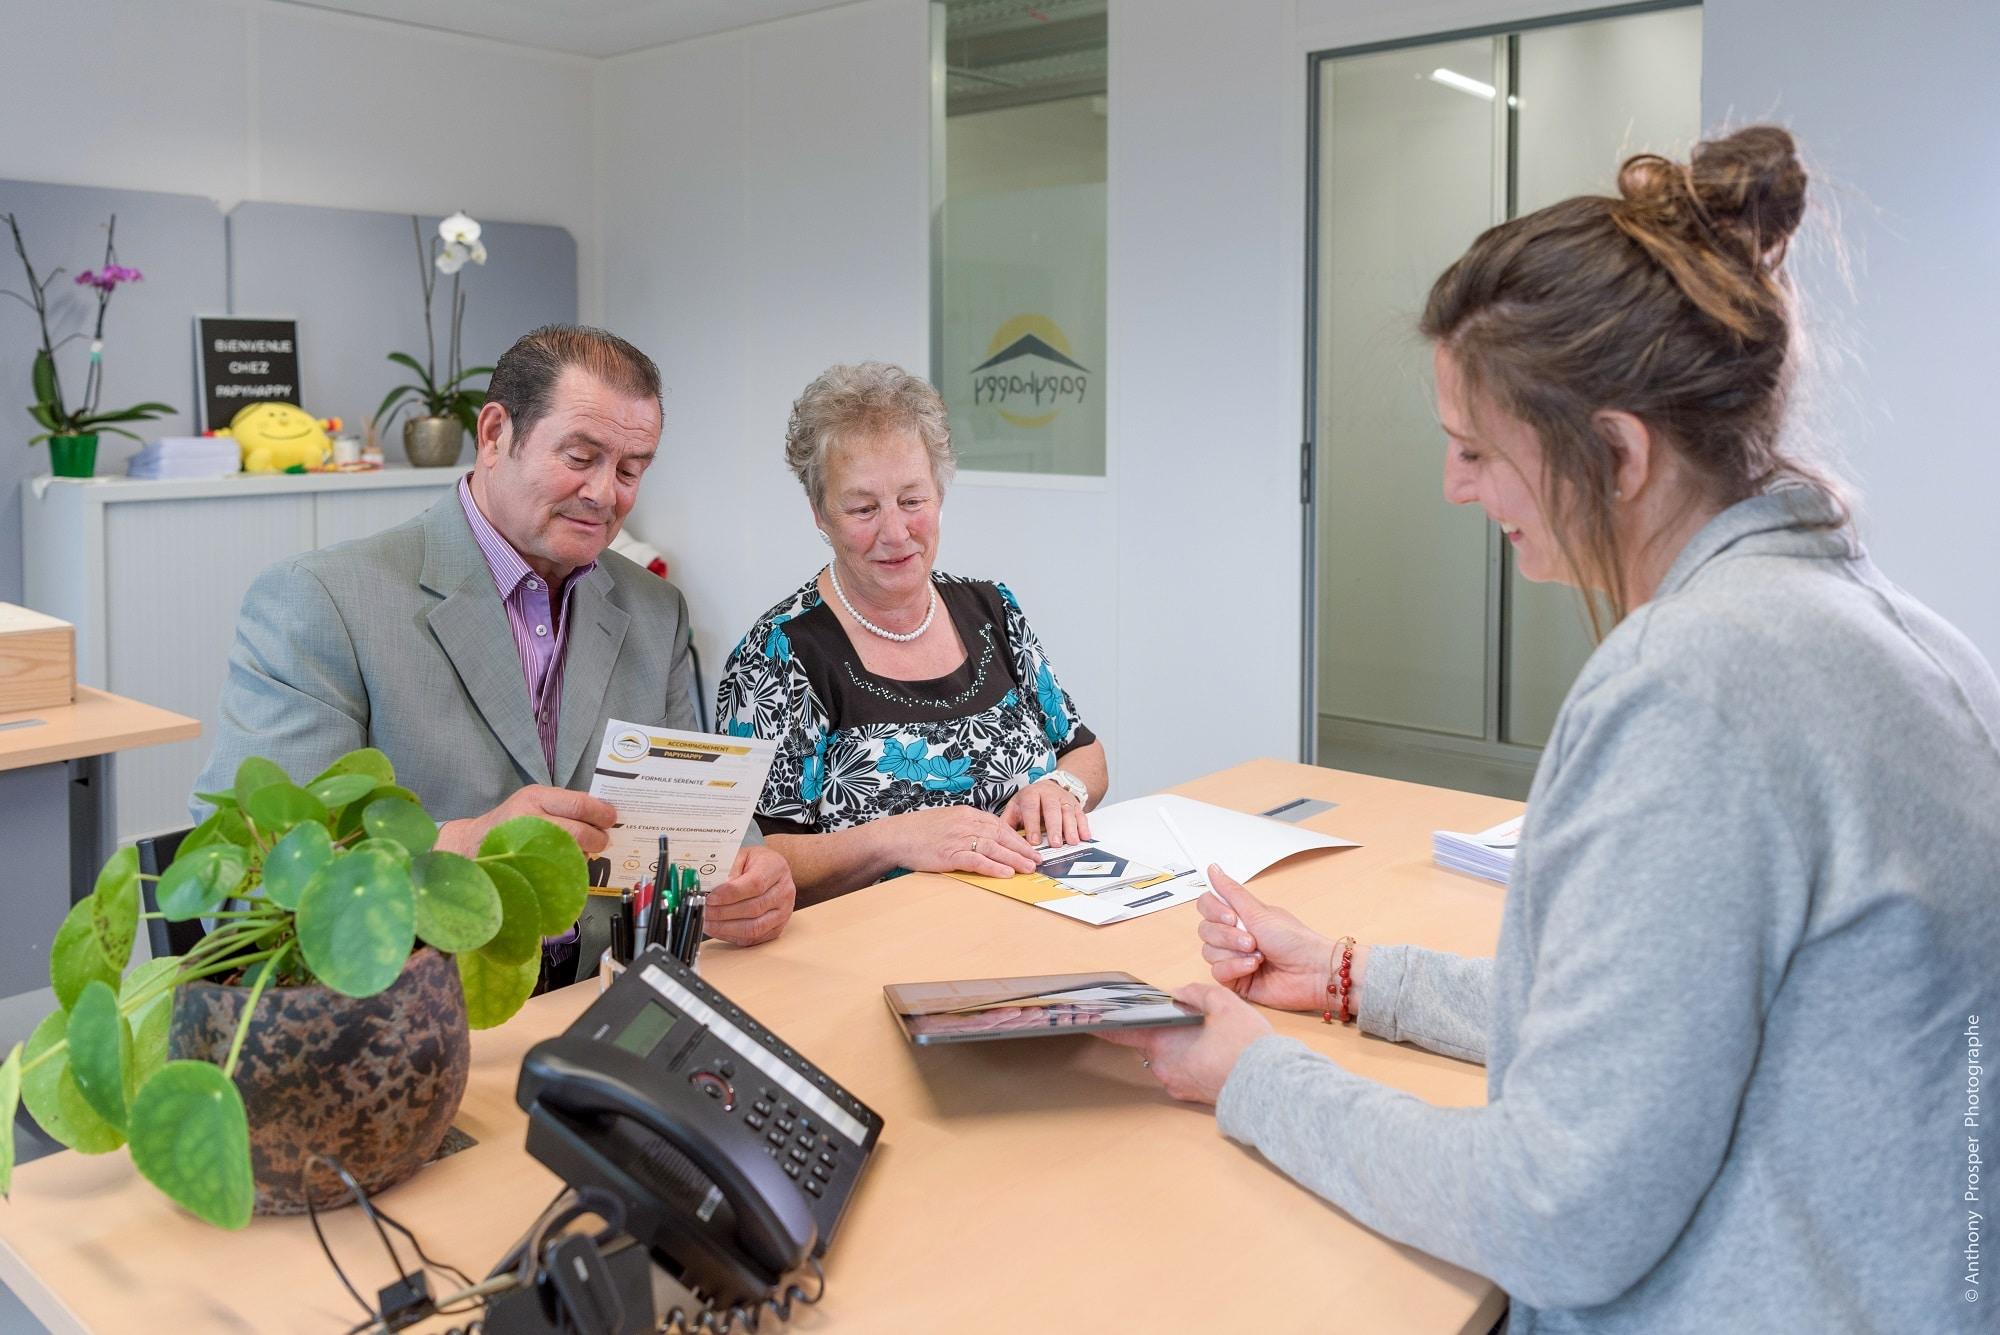 Recherche d'un logement pour personne âgée : Comment se faire accompagner ?